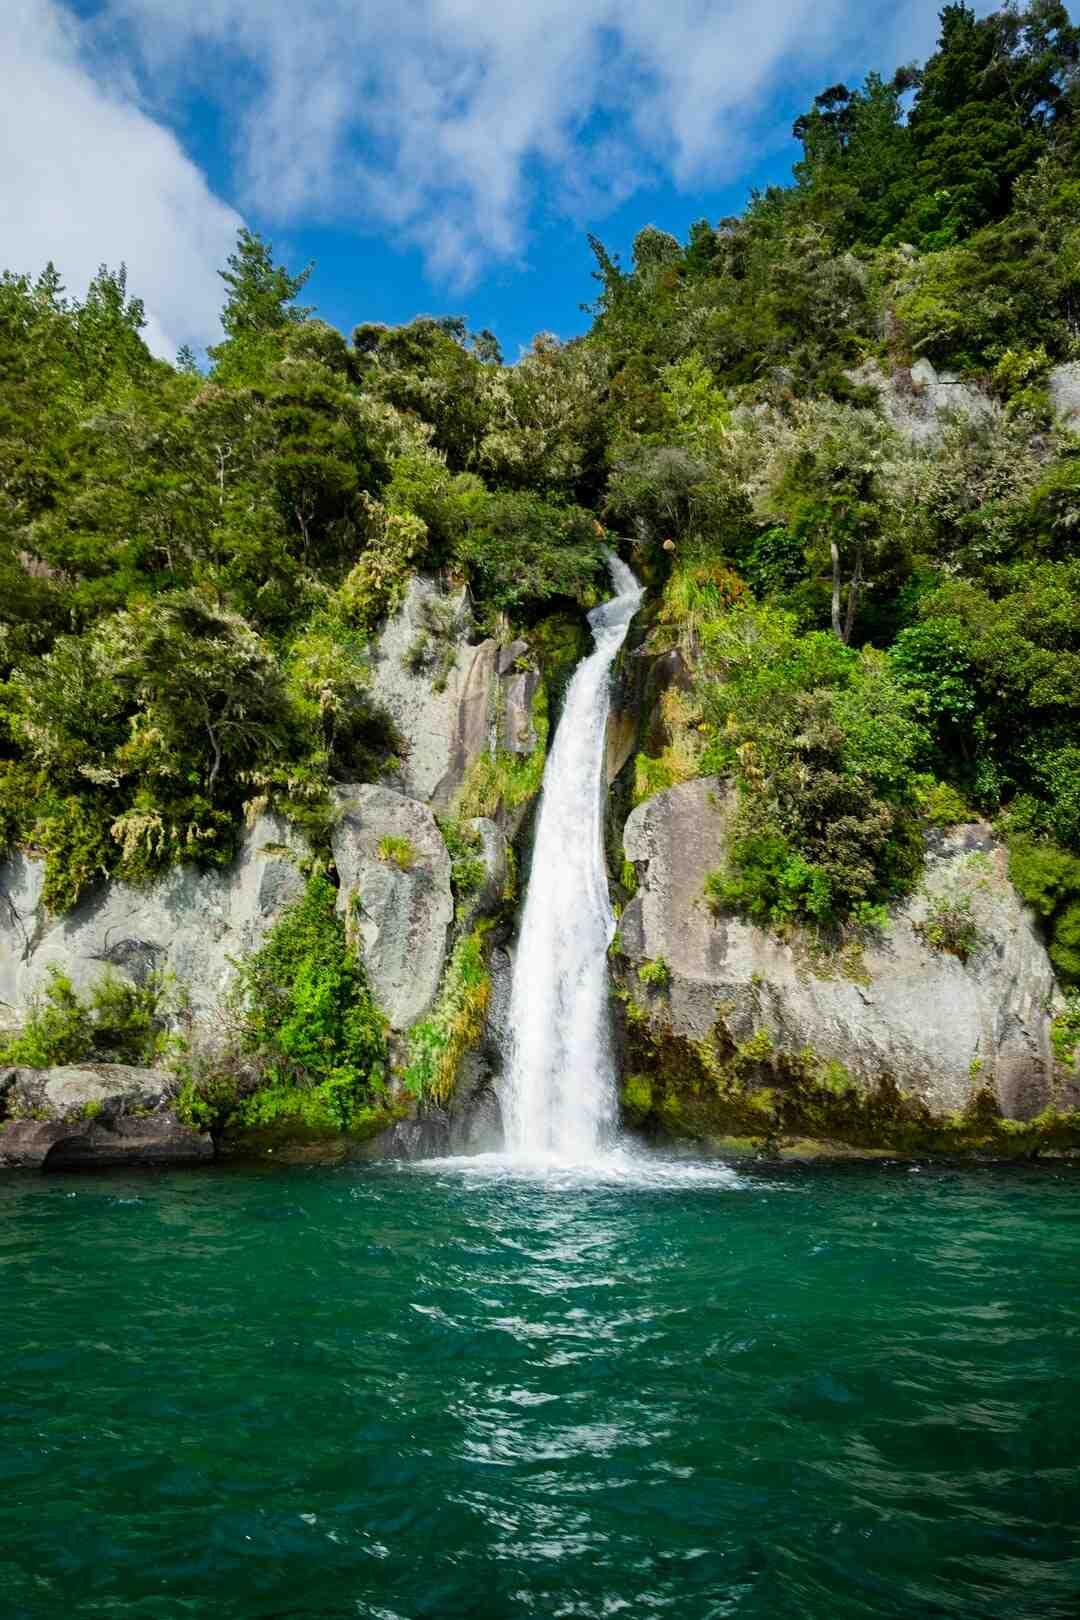 Einen kleinen Wasserfall bauen